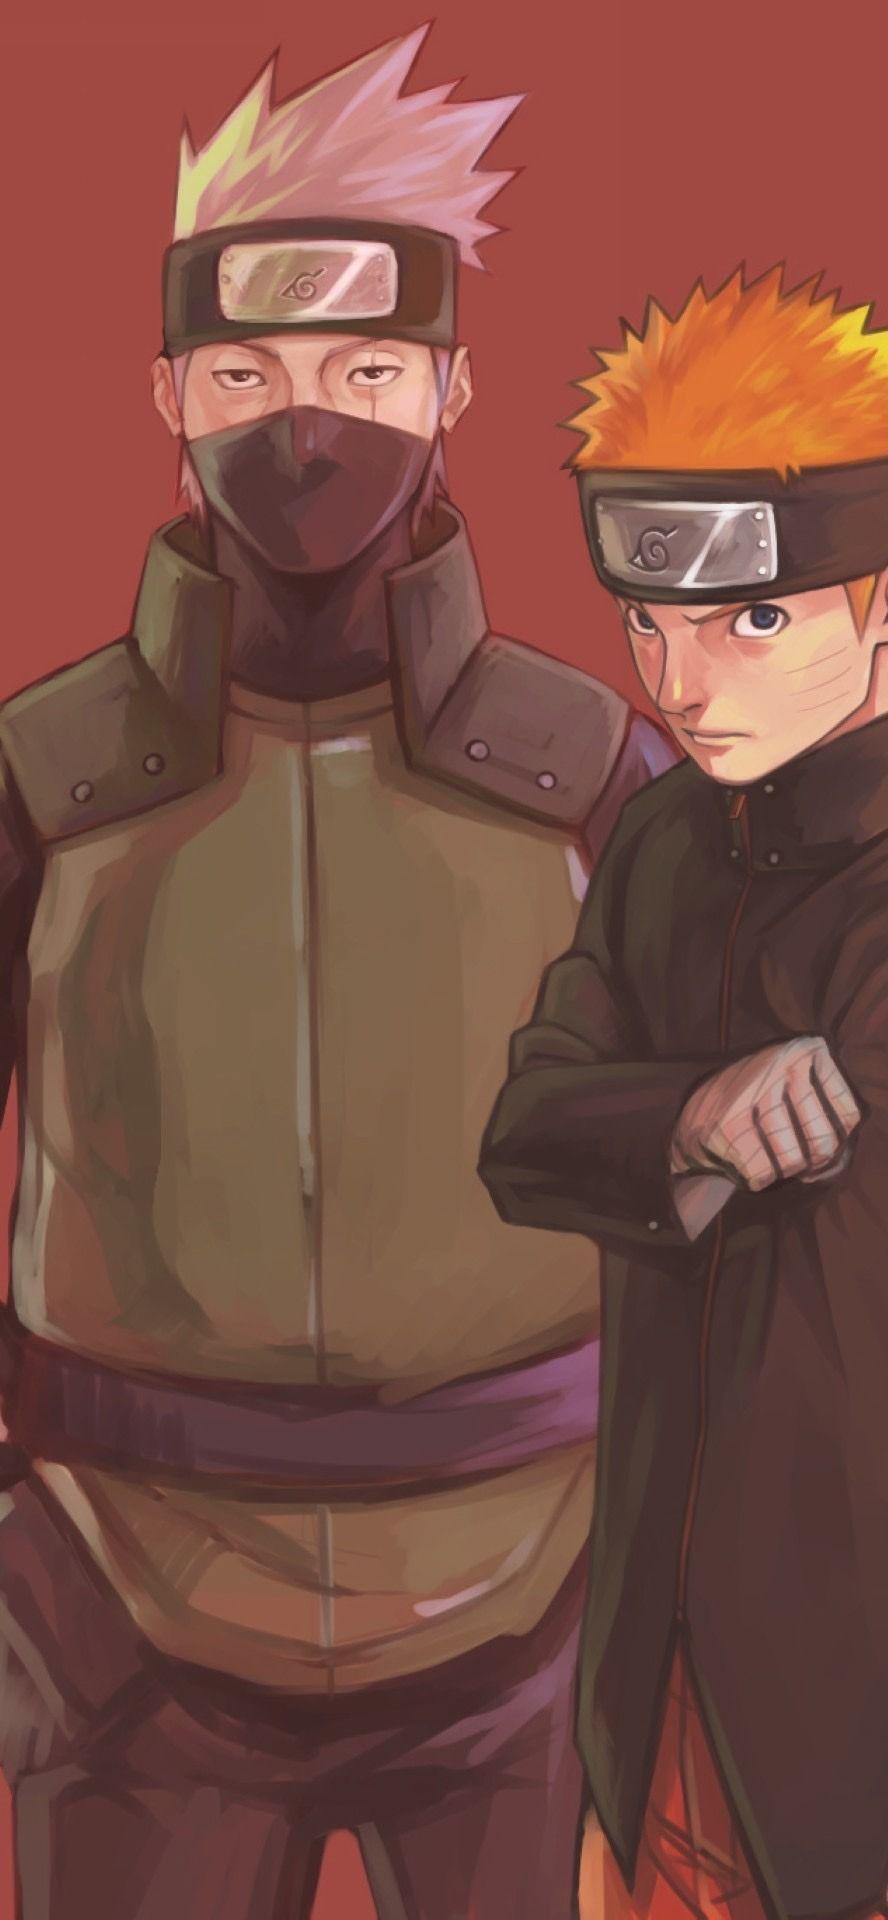 خلفيات Anime Naruto Cover Photo Quotes Anime